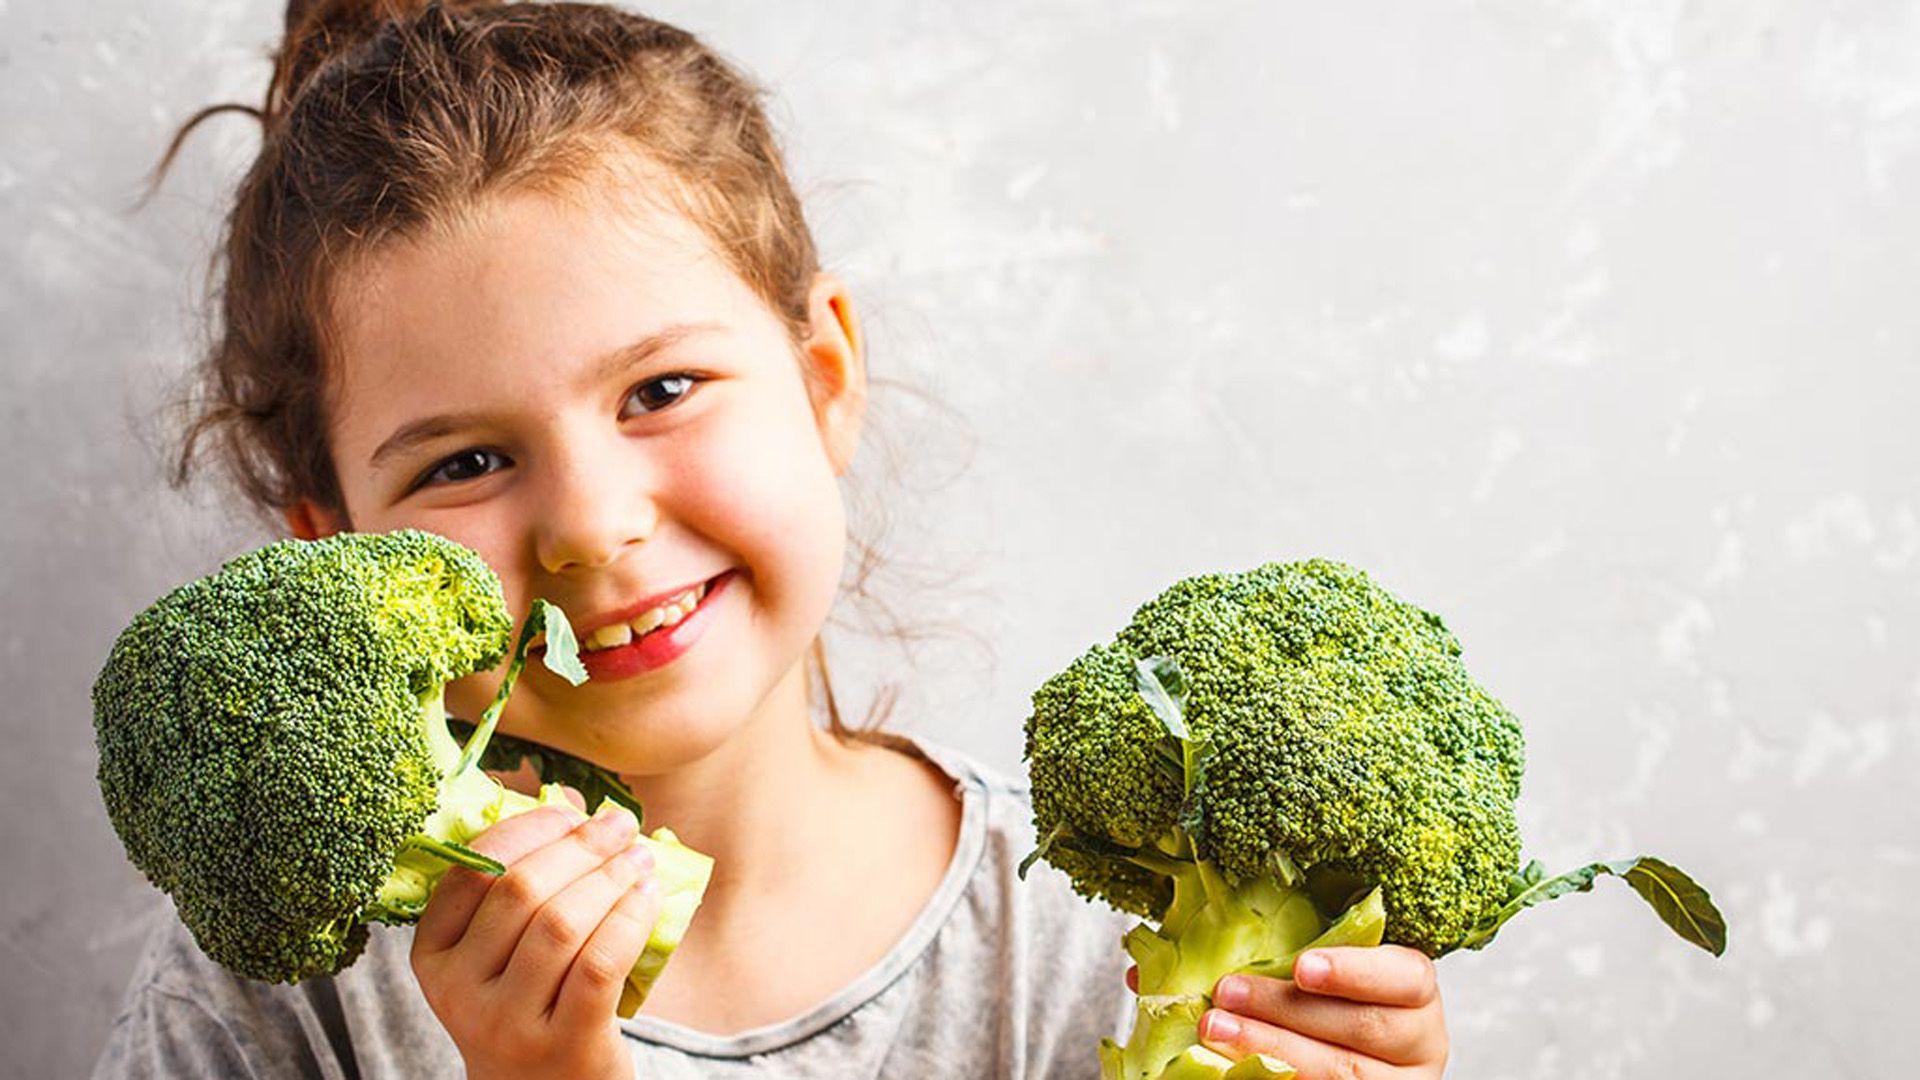 Es bueno incorporar al brócoli desde niños en la alimentación semanal